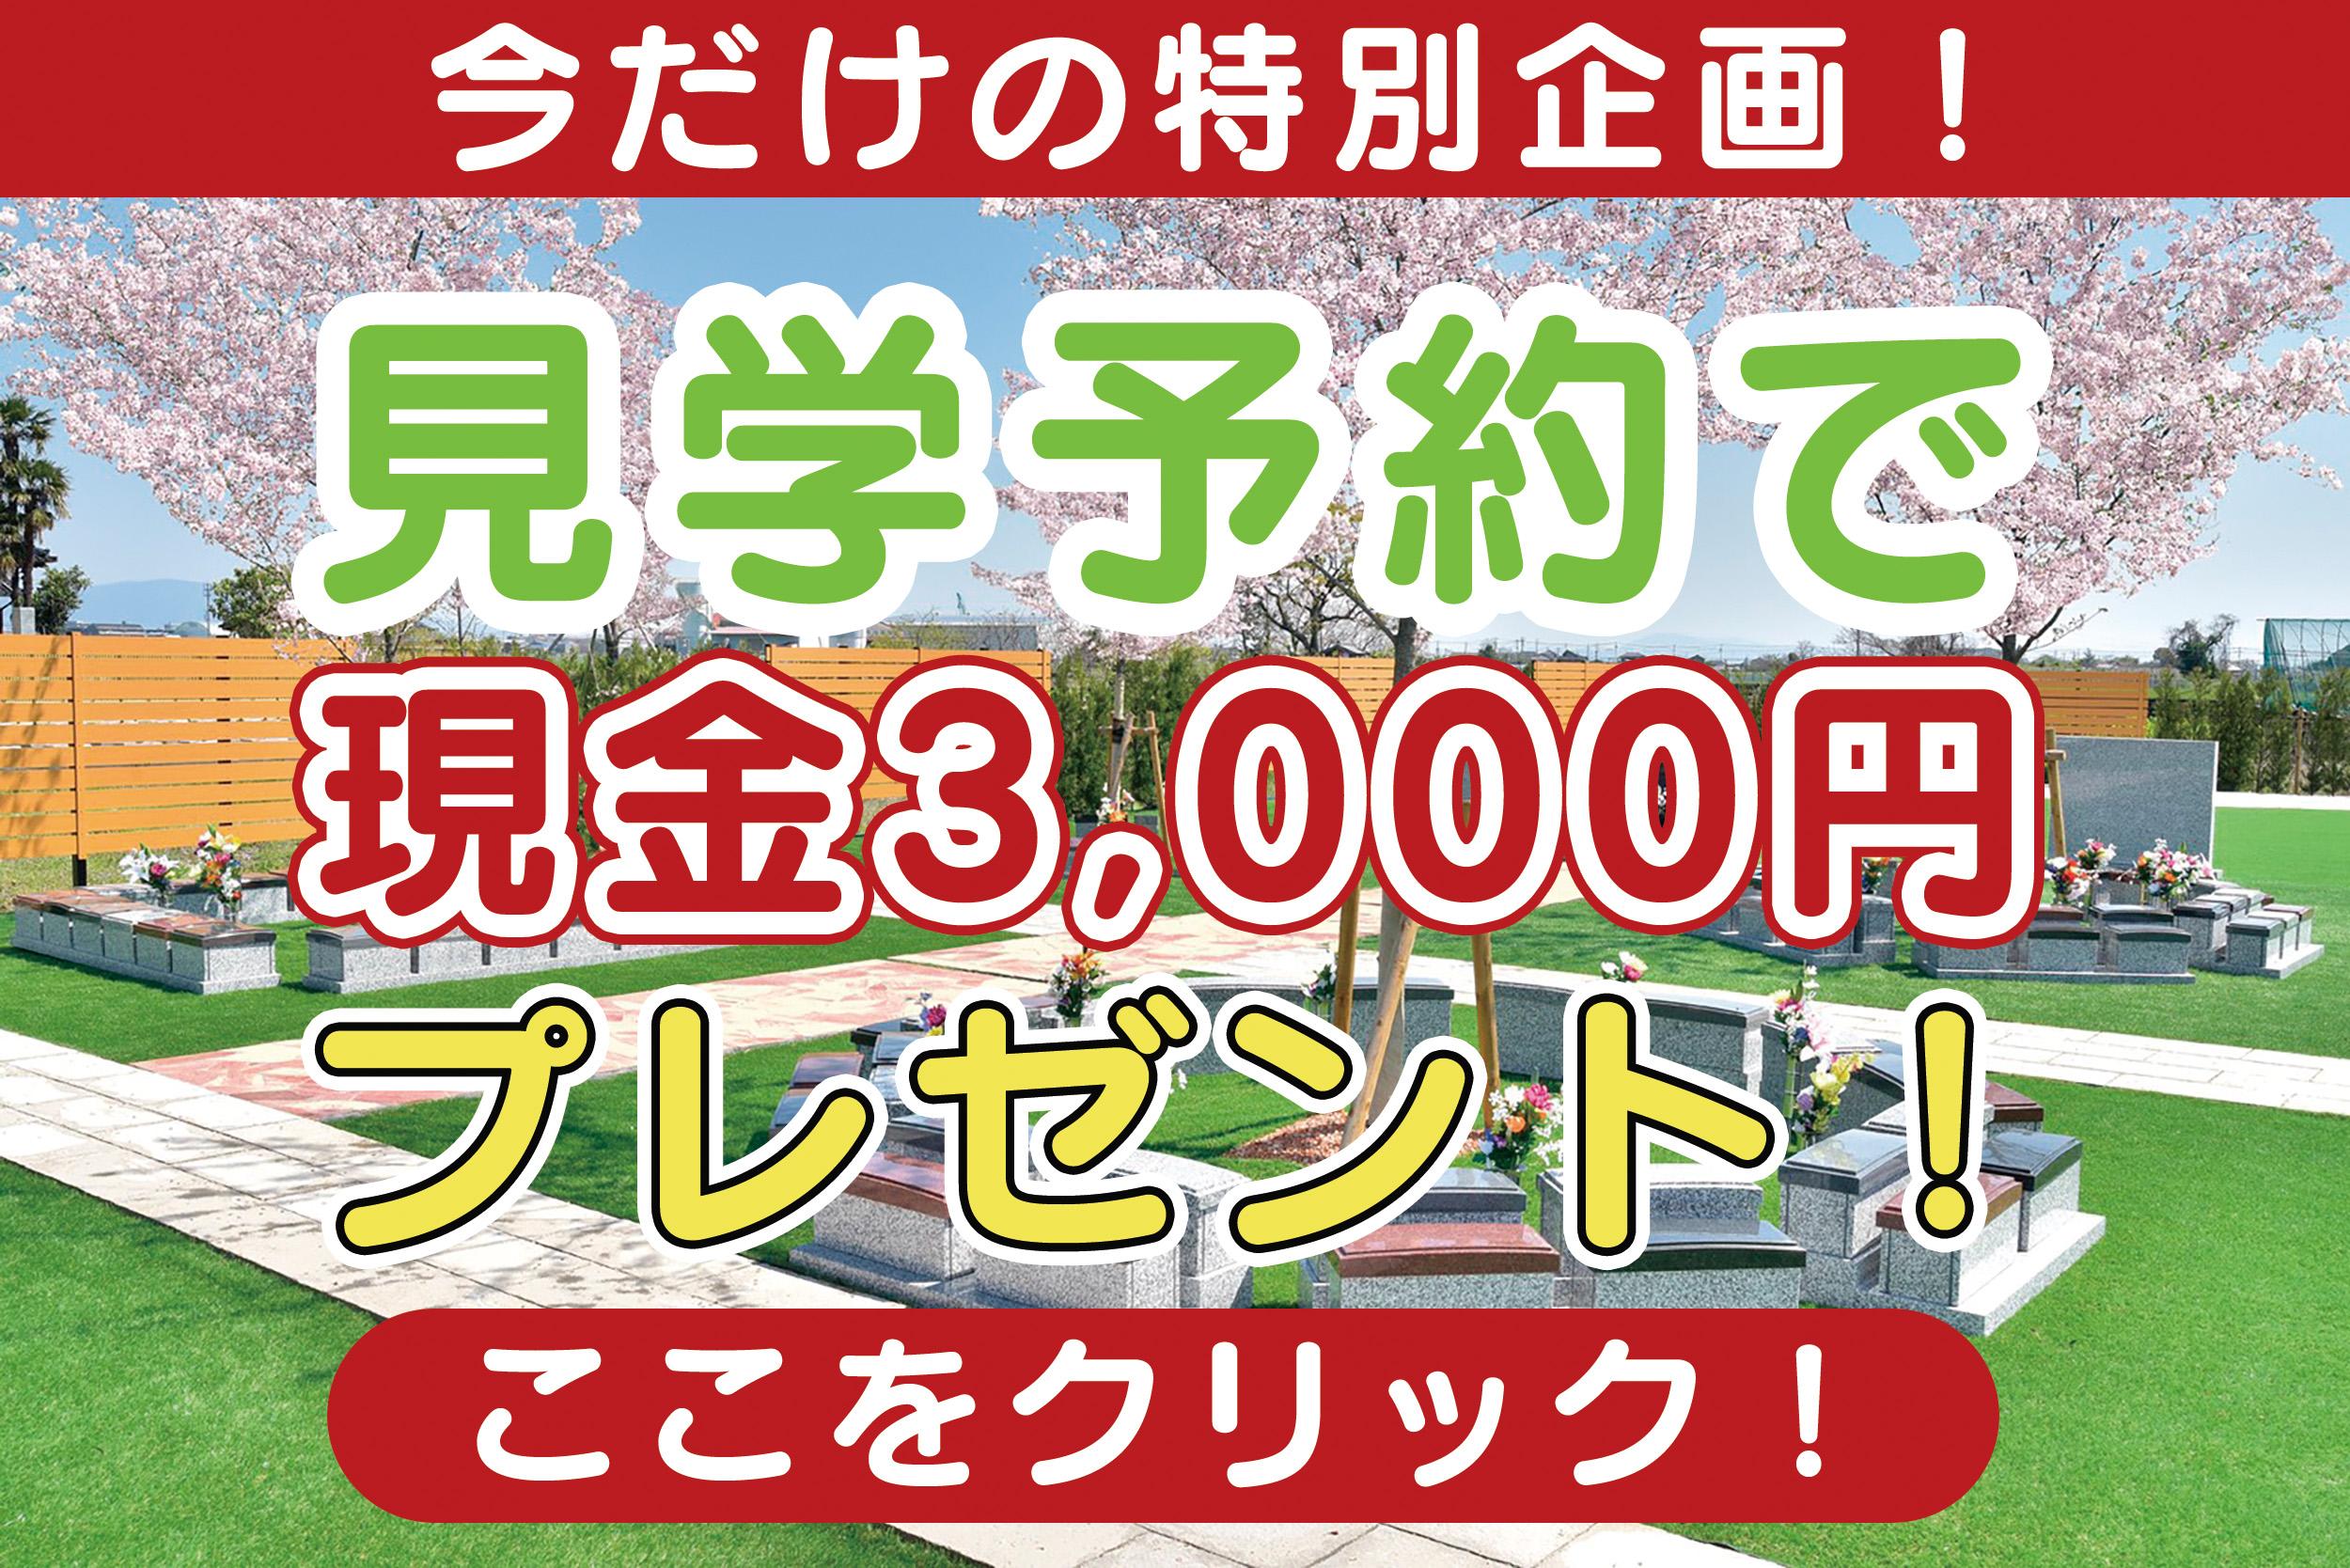 現金3000円プレゼント